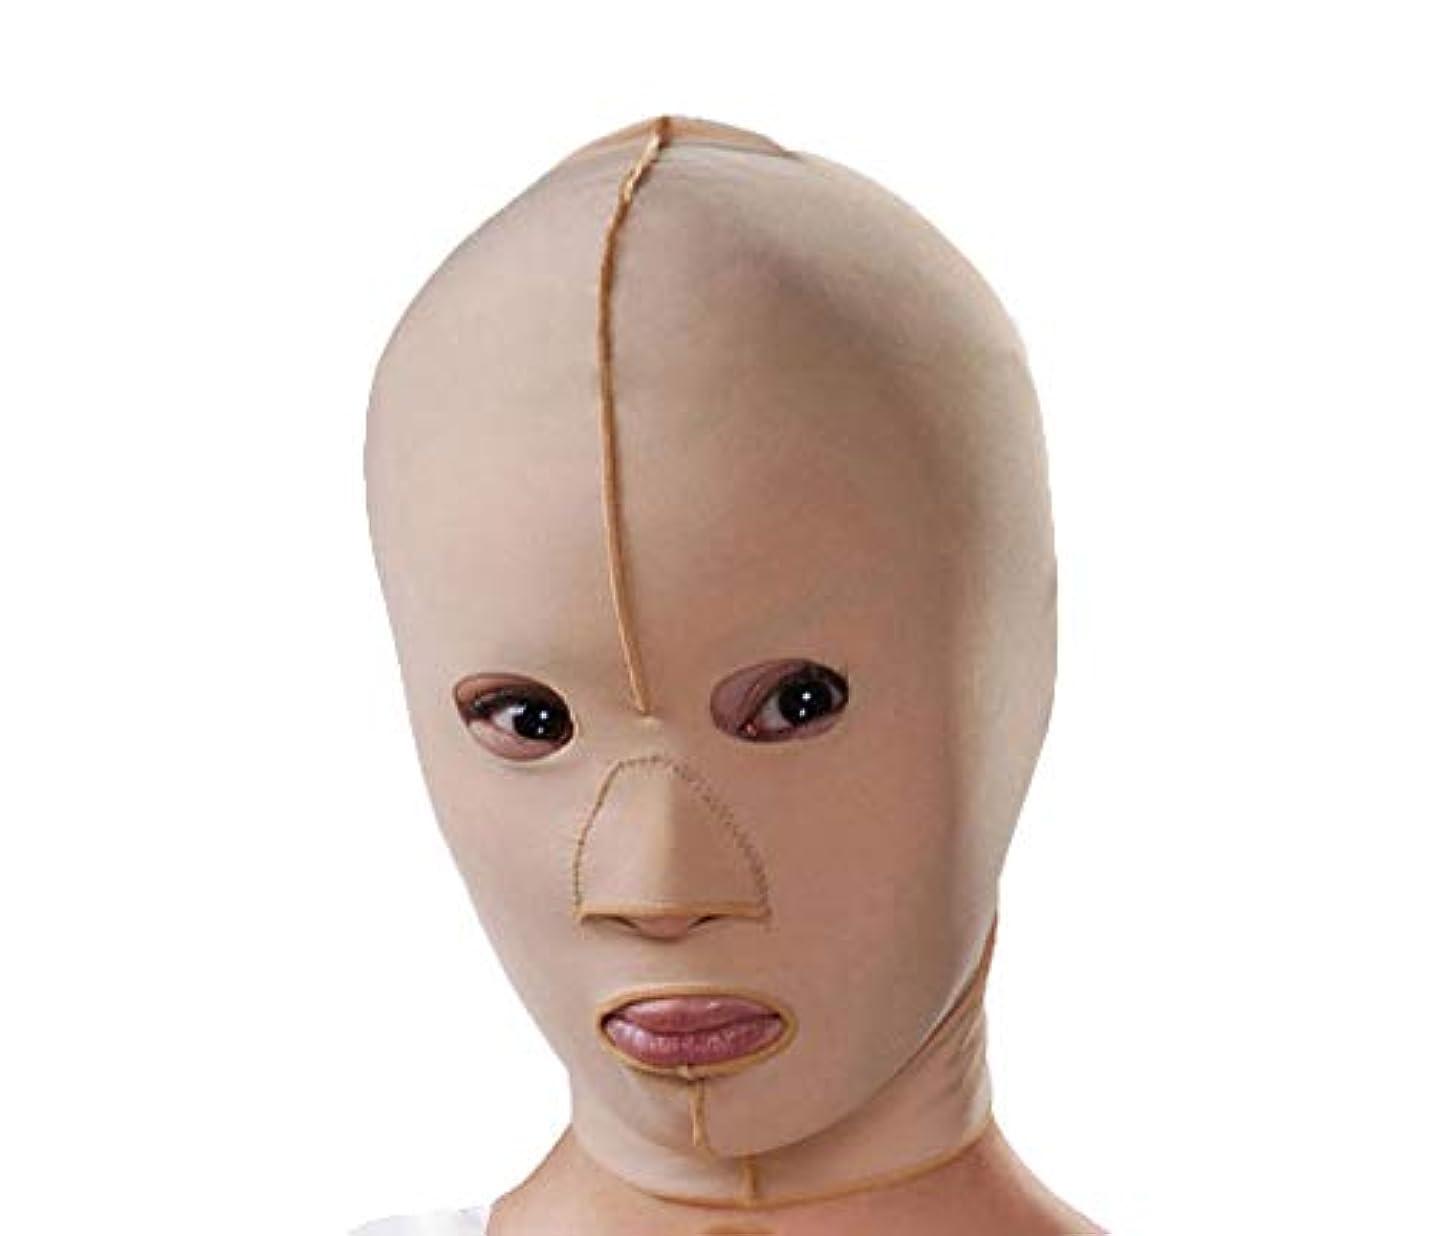 四鎮痛剤不運GLJJQMY 顔と首のリフト減量強力なフェイスストレッチスリーブフェイスリフト引き締め美顔術の傷跡のリハビリフルフェイスマスク 顔用整形マスク (Size : M)